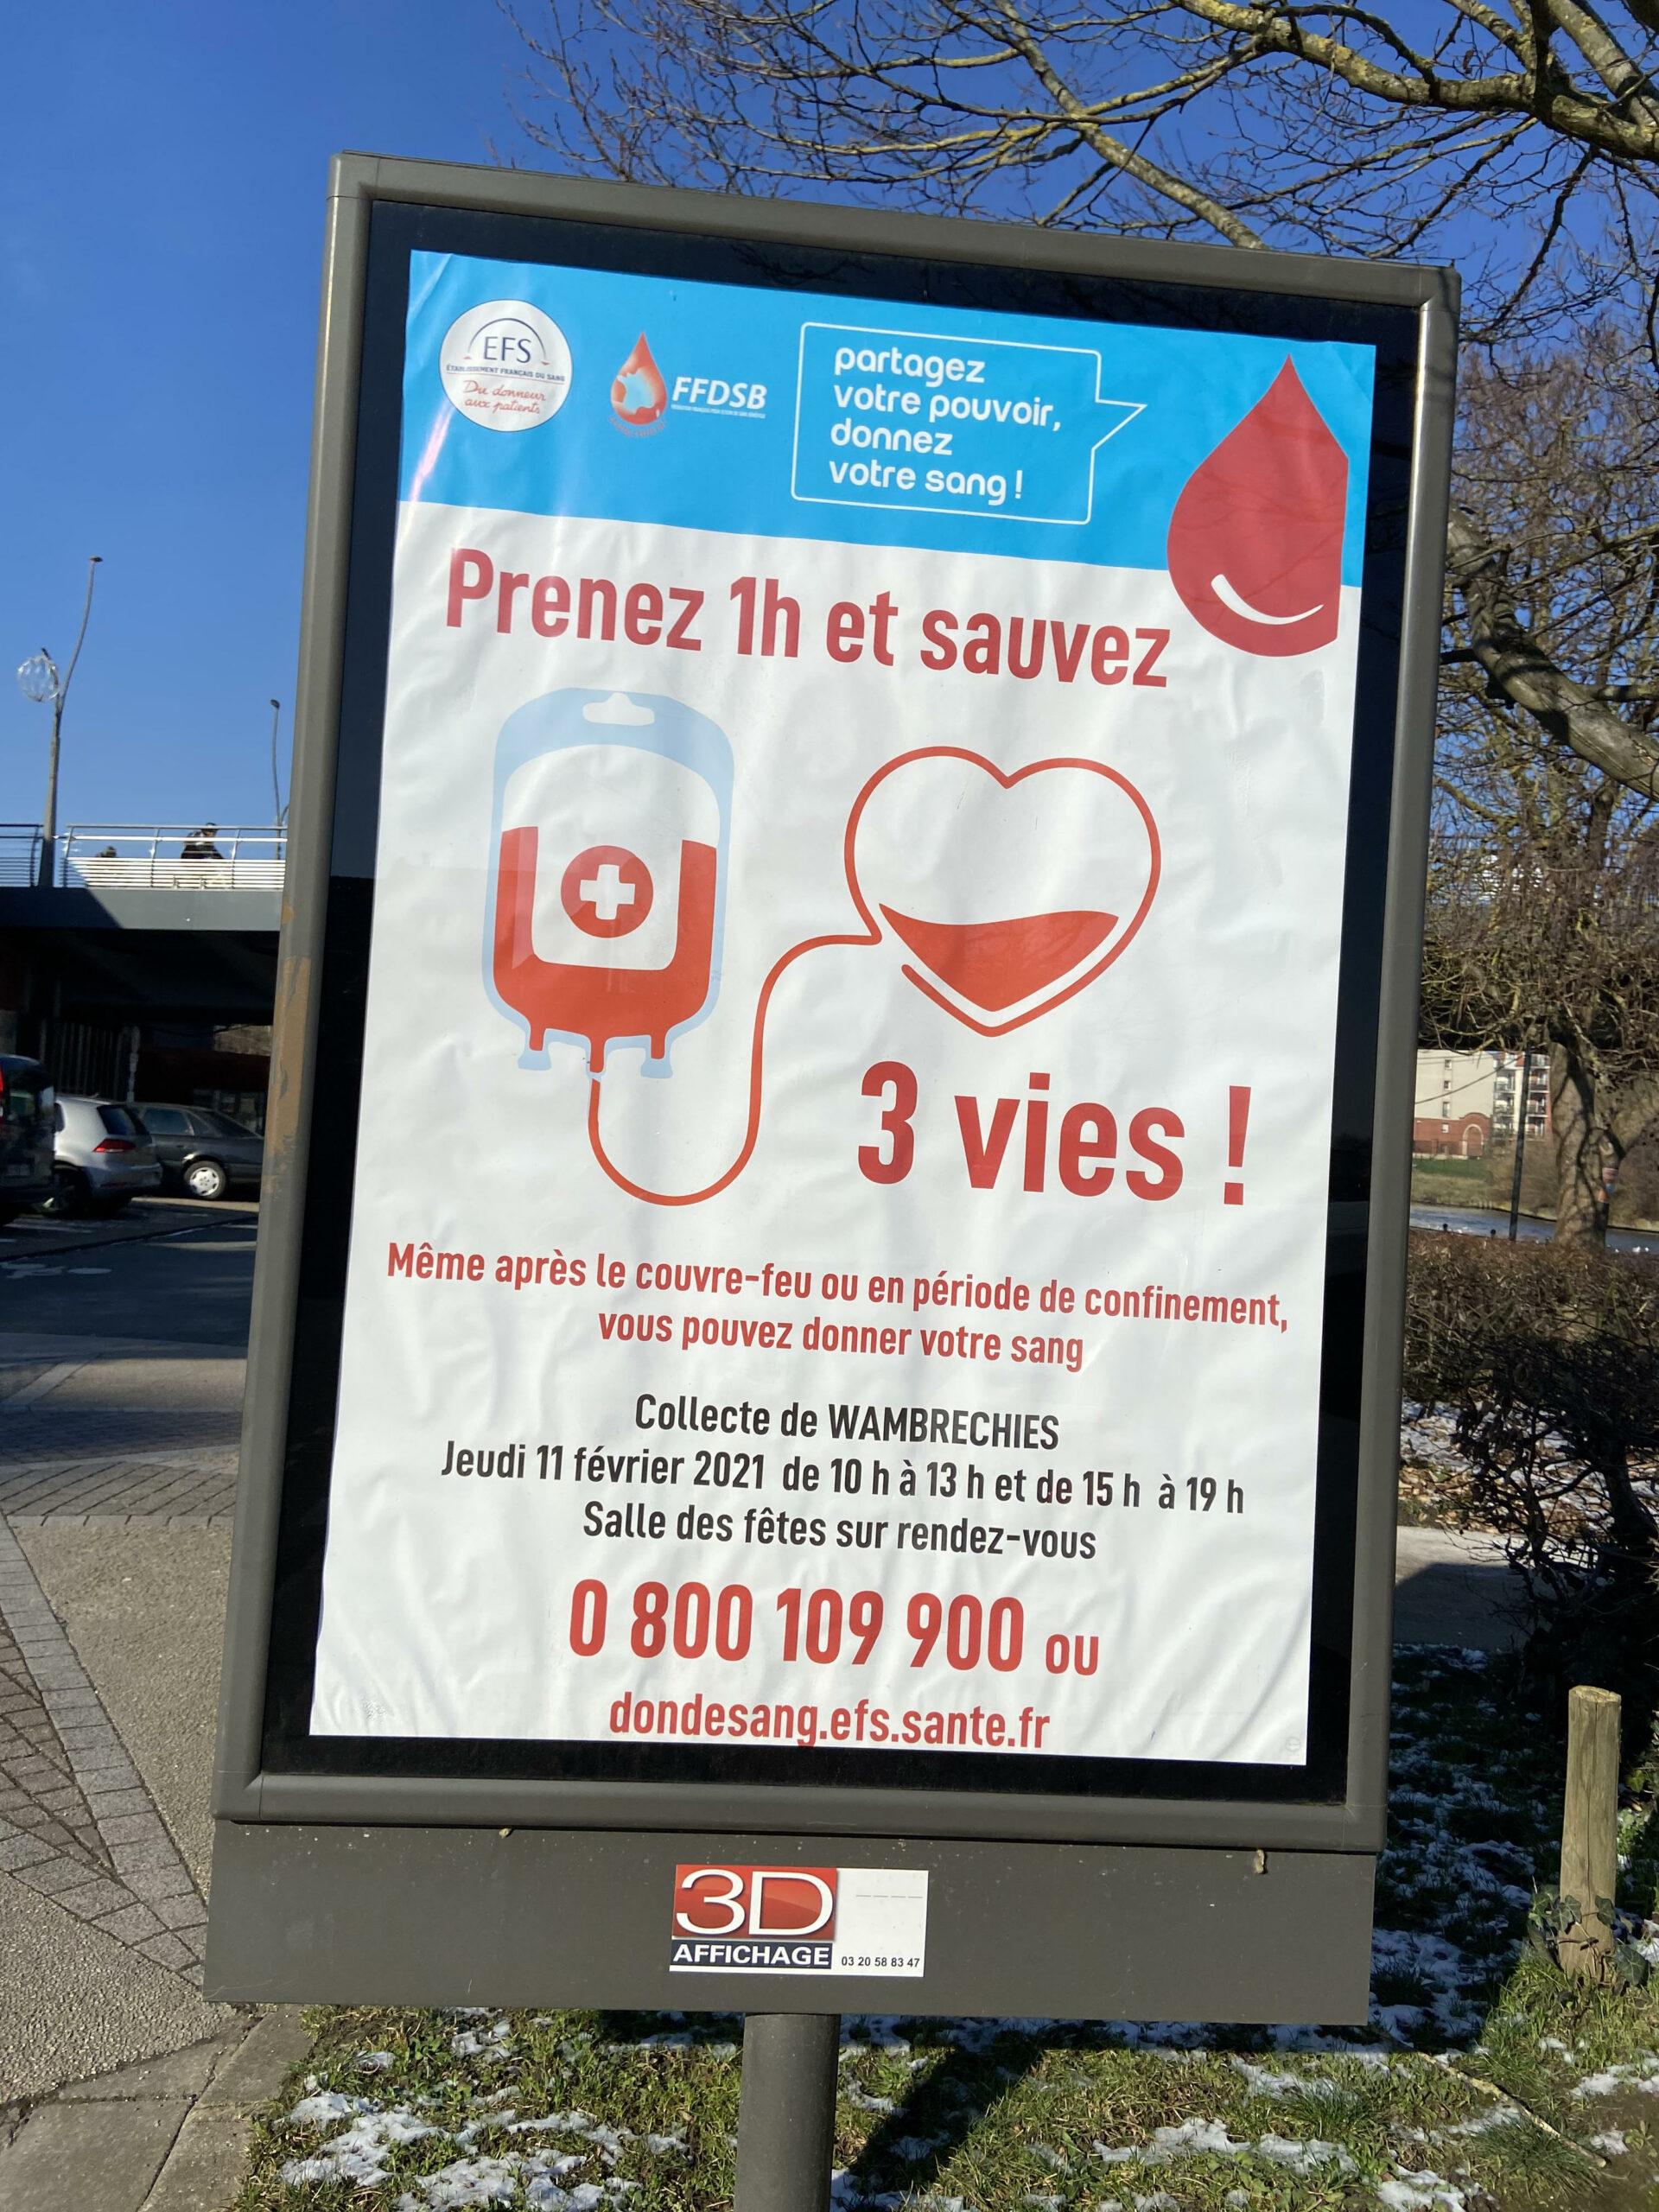 Les panneaux issus de la campagne d'affichage à Wambrechies. Crédit : Maÿlis DUDOUET